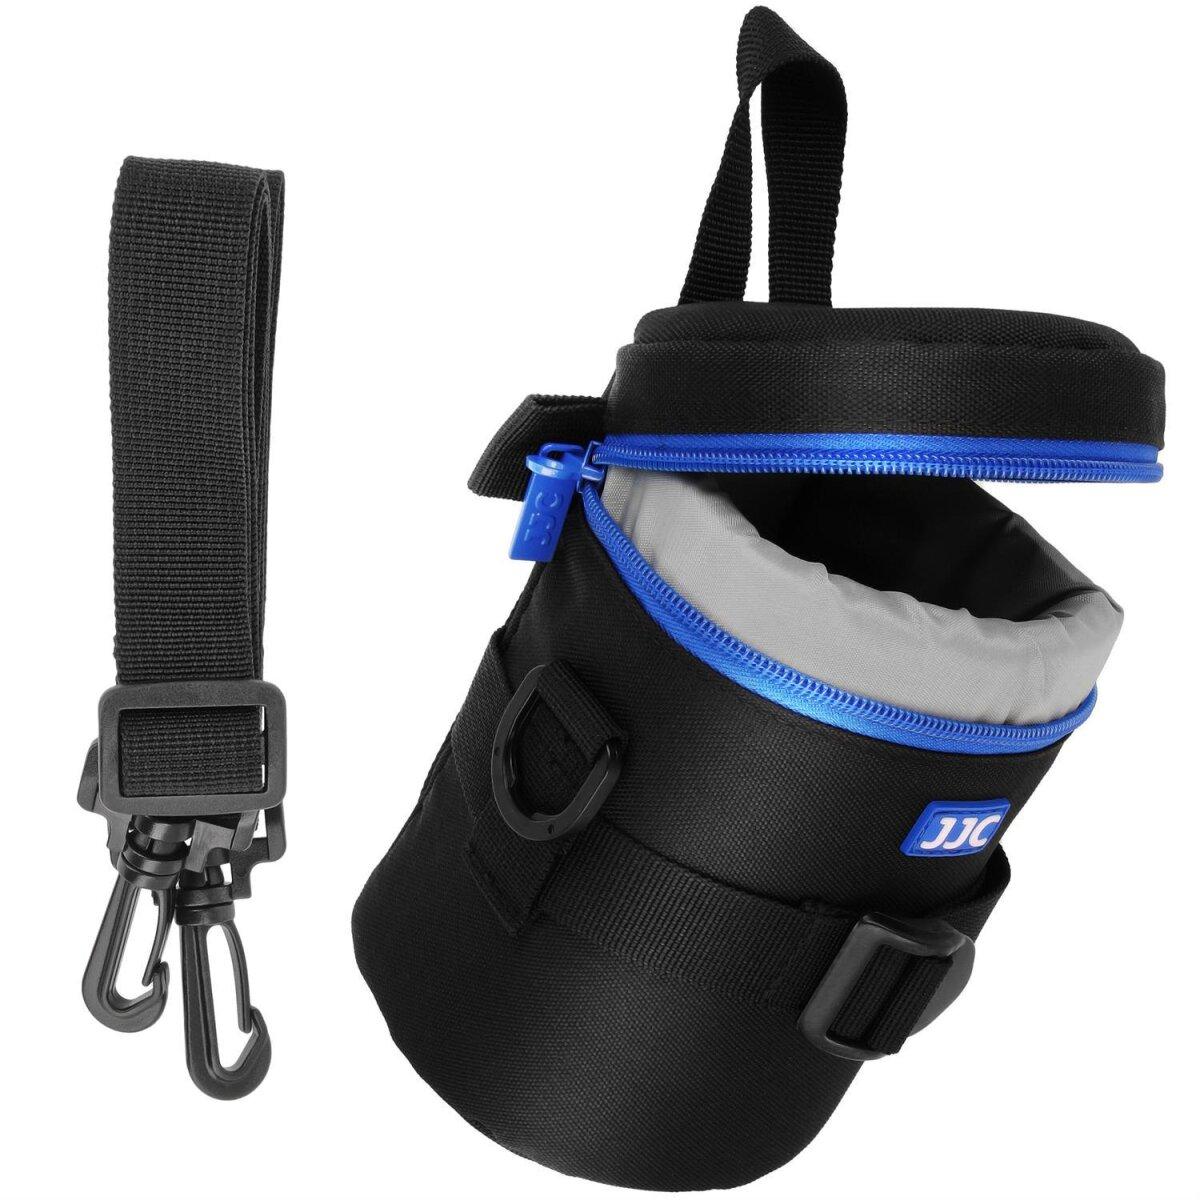 Objektivtasche Objektivköcher Objektivbeutel für Kamera Objektive mit Schultergurt + Handgriff + Klettverschluss für den Gürtel – Innenmaß 80 x 152 mm – JJC Deluxe Lens Pouch DLP-2II